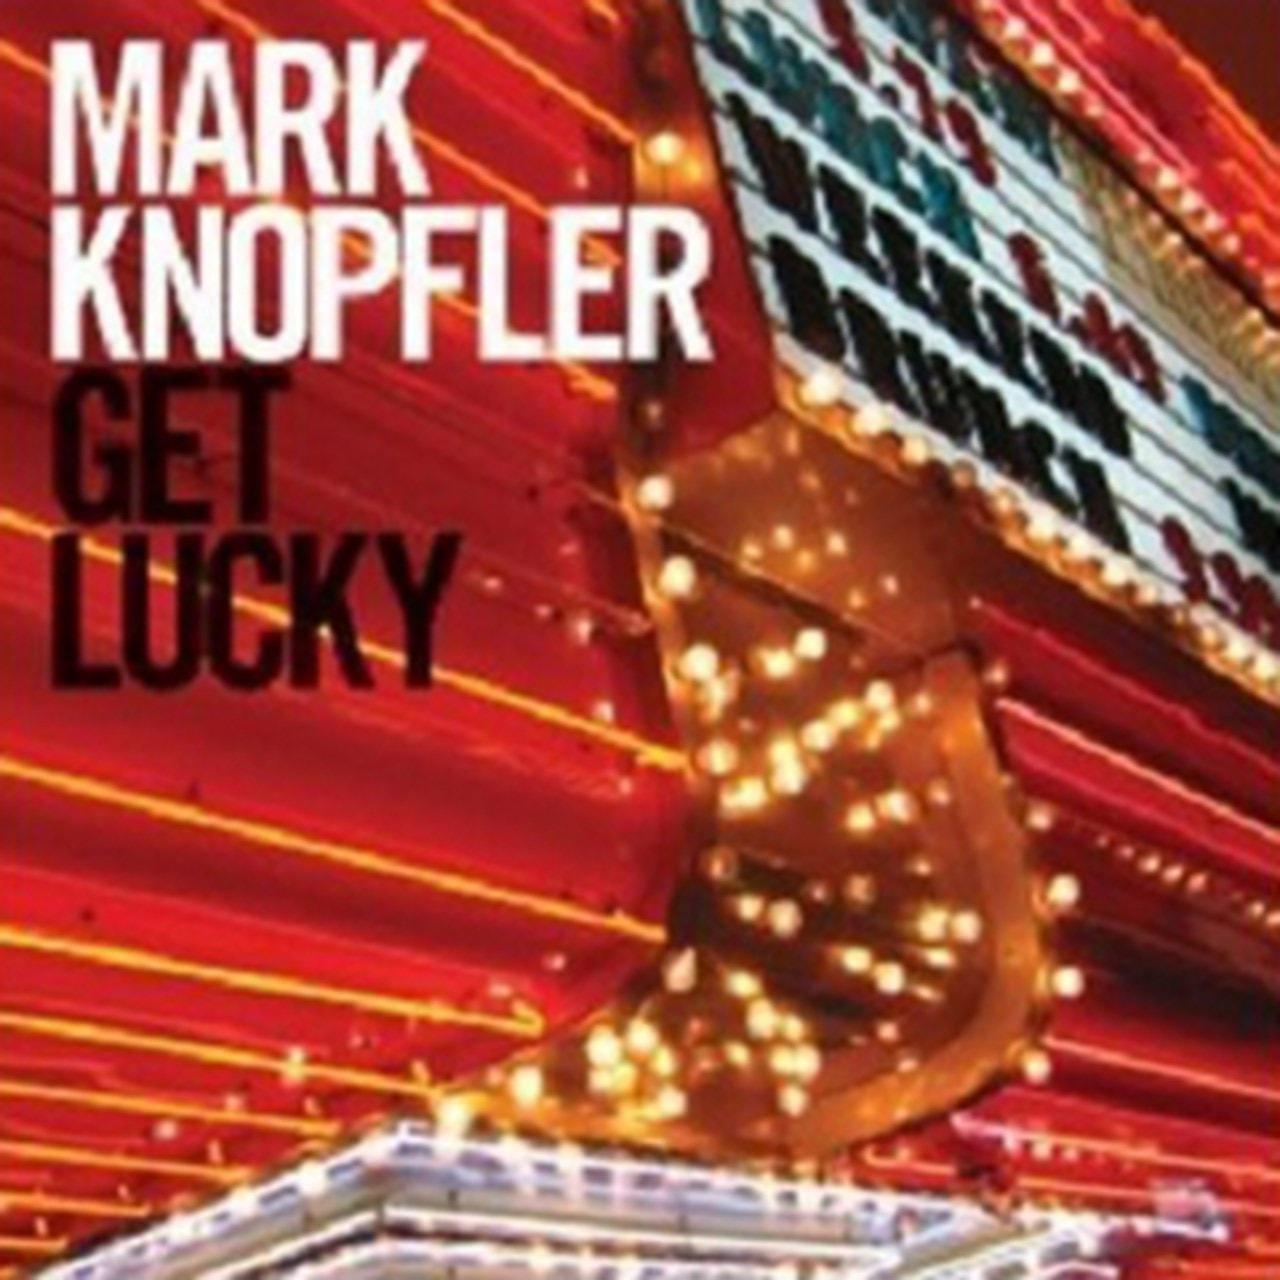 Get Lucky - 1